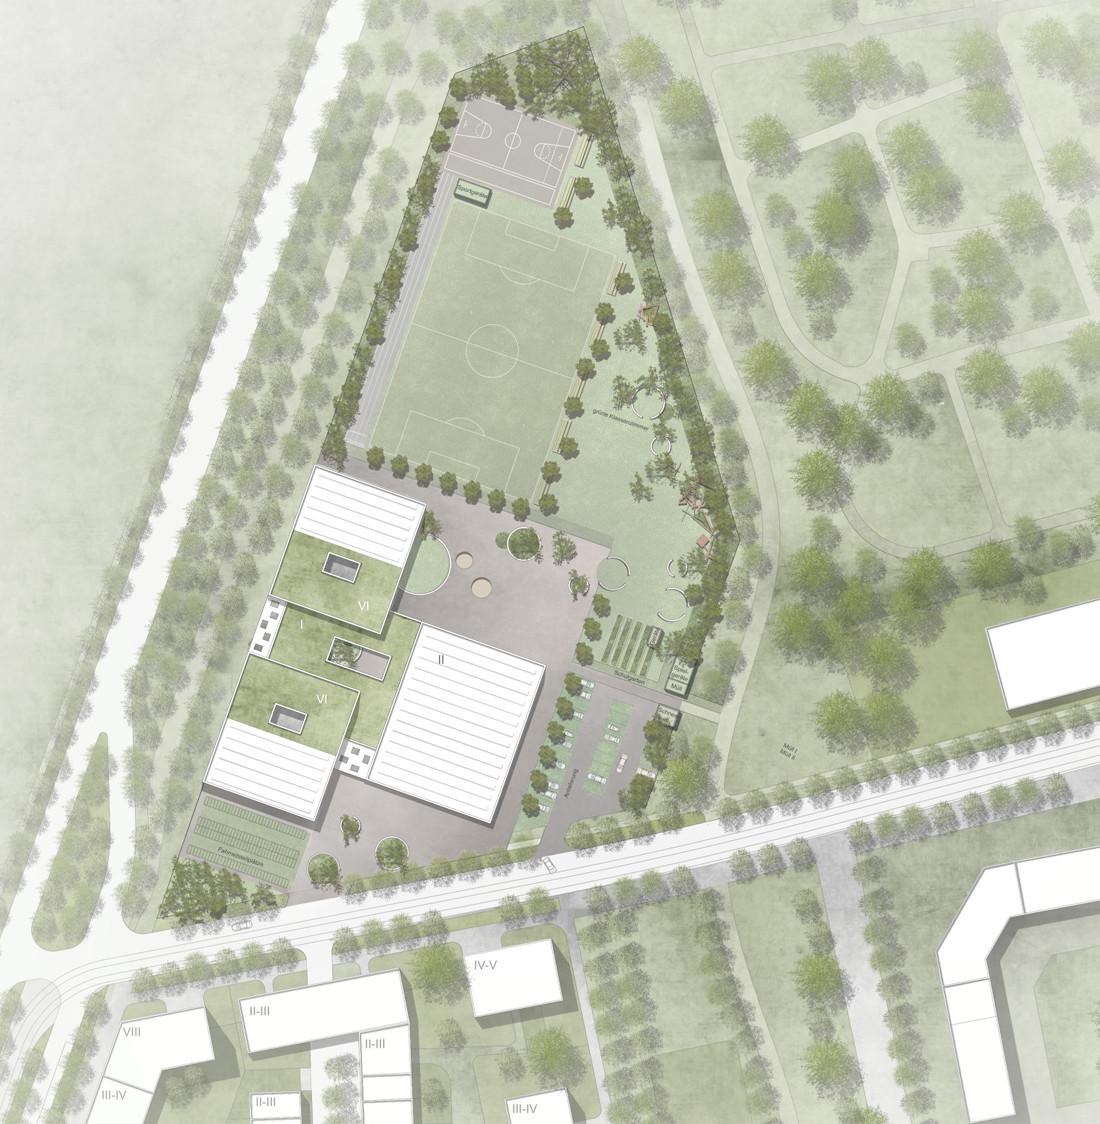 Vier-Grundschulen-muenchen-plan-03JPG.jpg